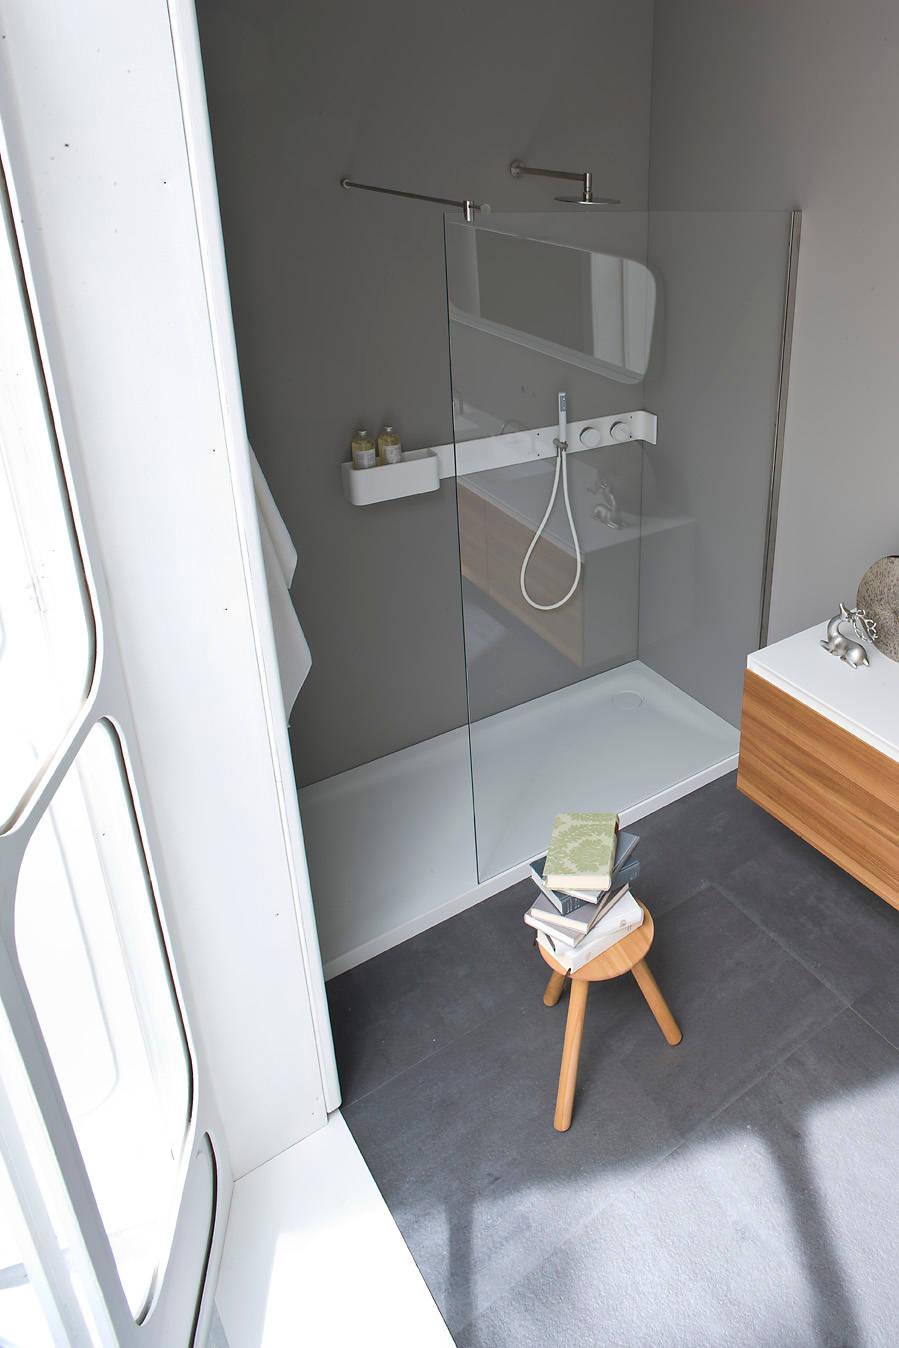 Misure piatti doccia abbasso la noia - Piatto doccia piccolo ...